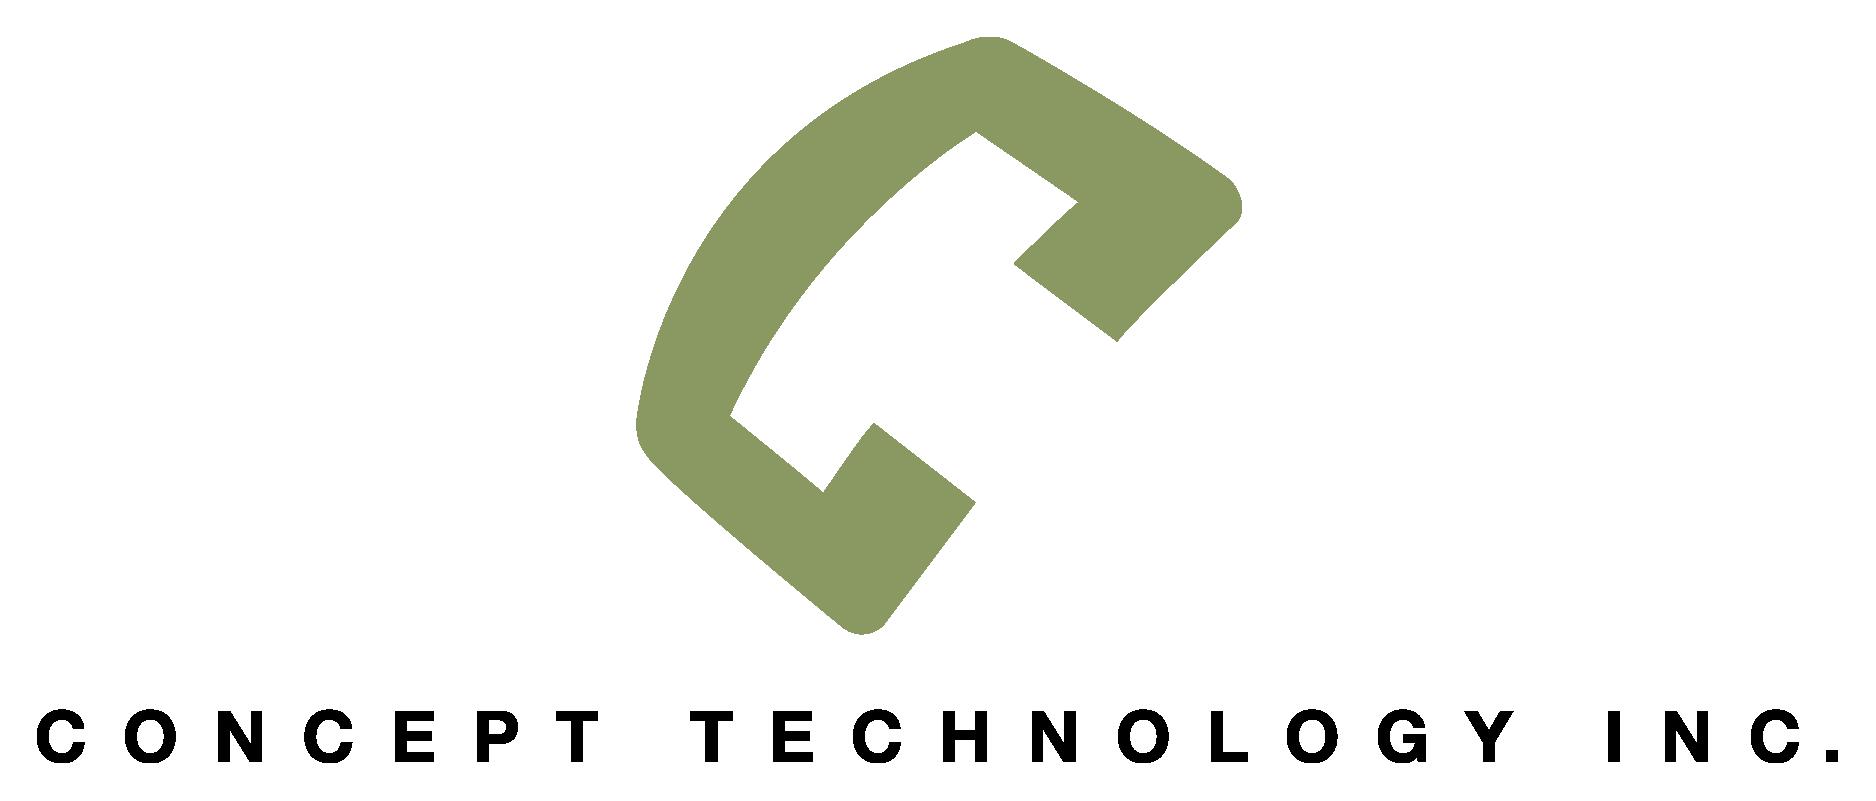 Concept tech logo cti-logo1-spc.png